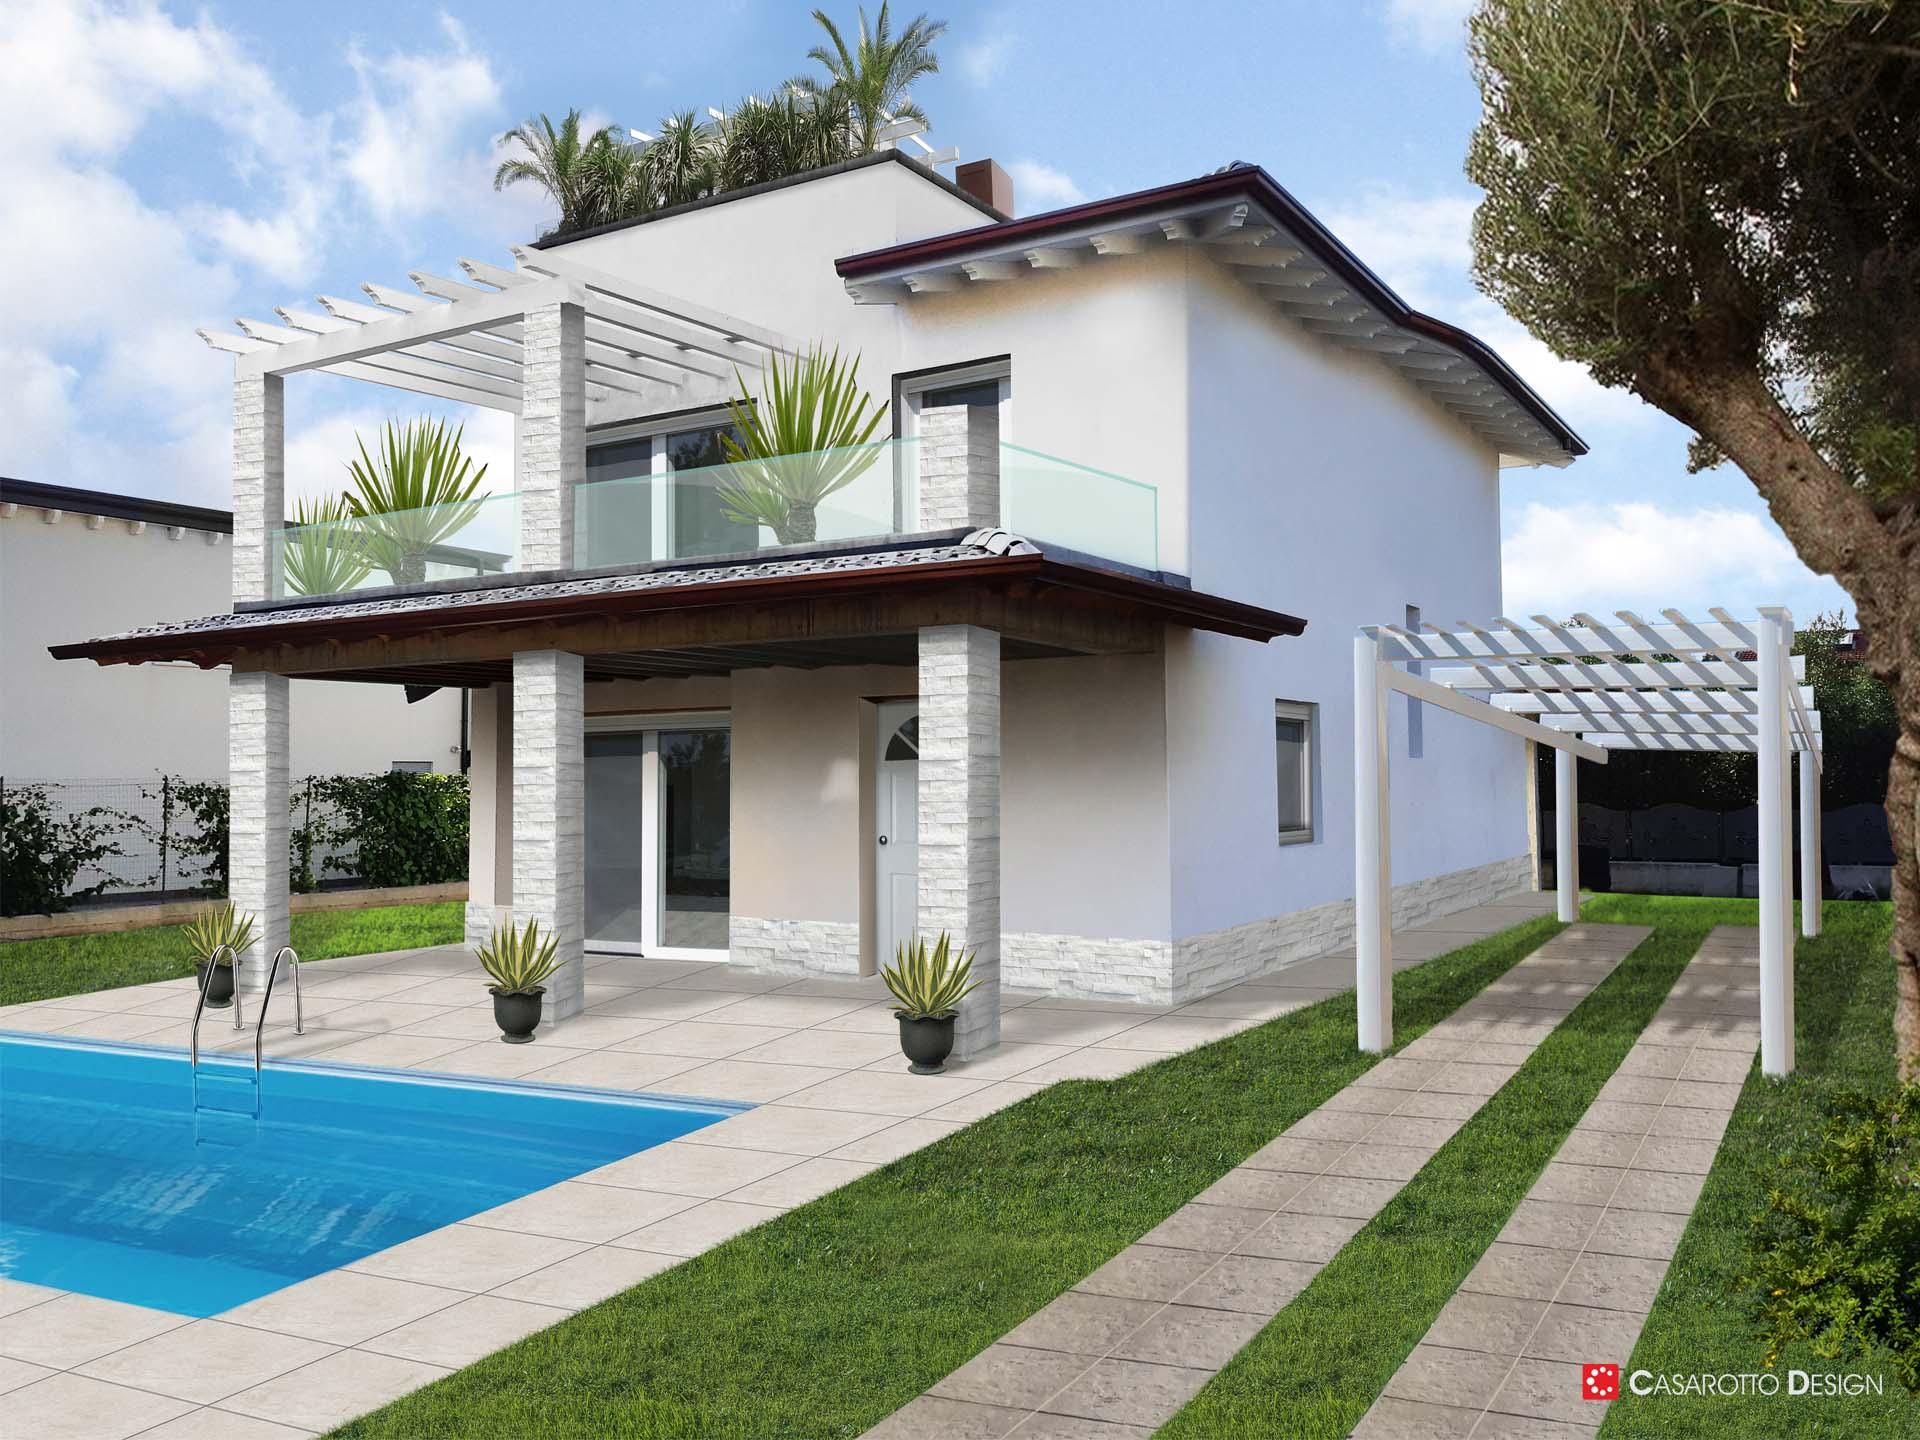 Render rendering abitazioni architettura fotomontaggi casarotto design brescia mantova verona outdoor esterni